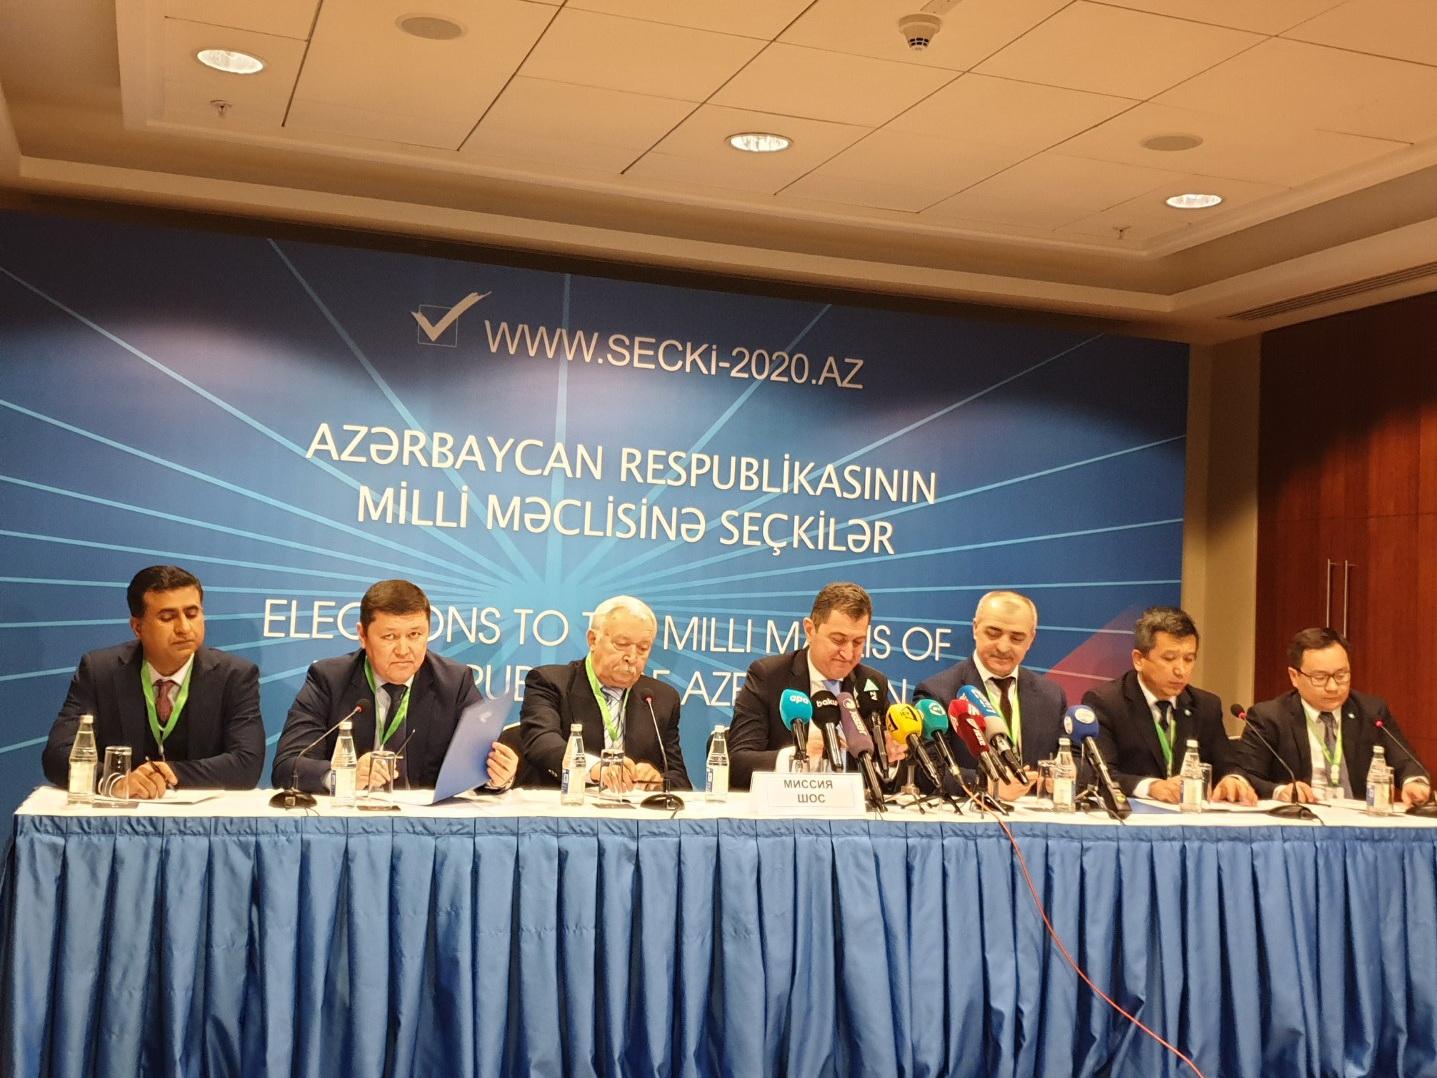 Миссия ШОС: Мы признаем прошедшие выборы прозрачными, легитимными и демократичными